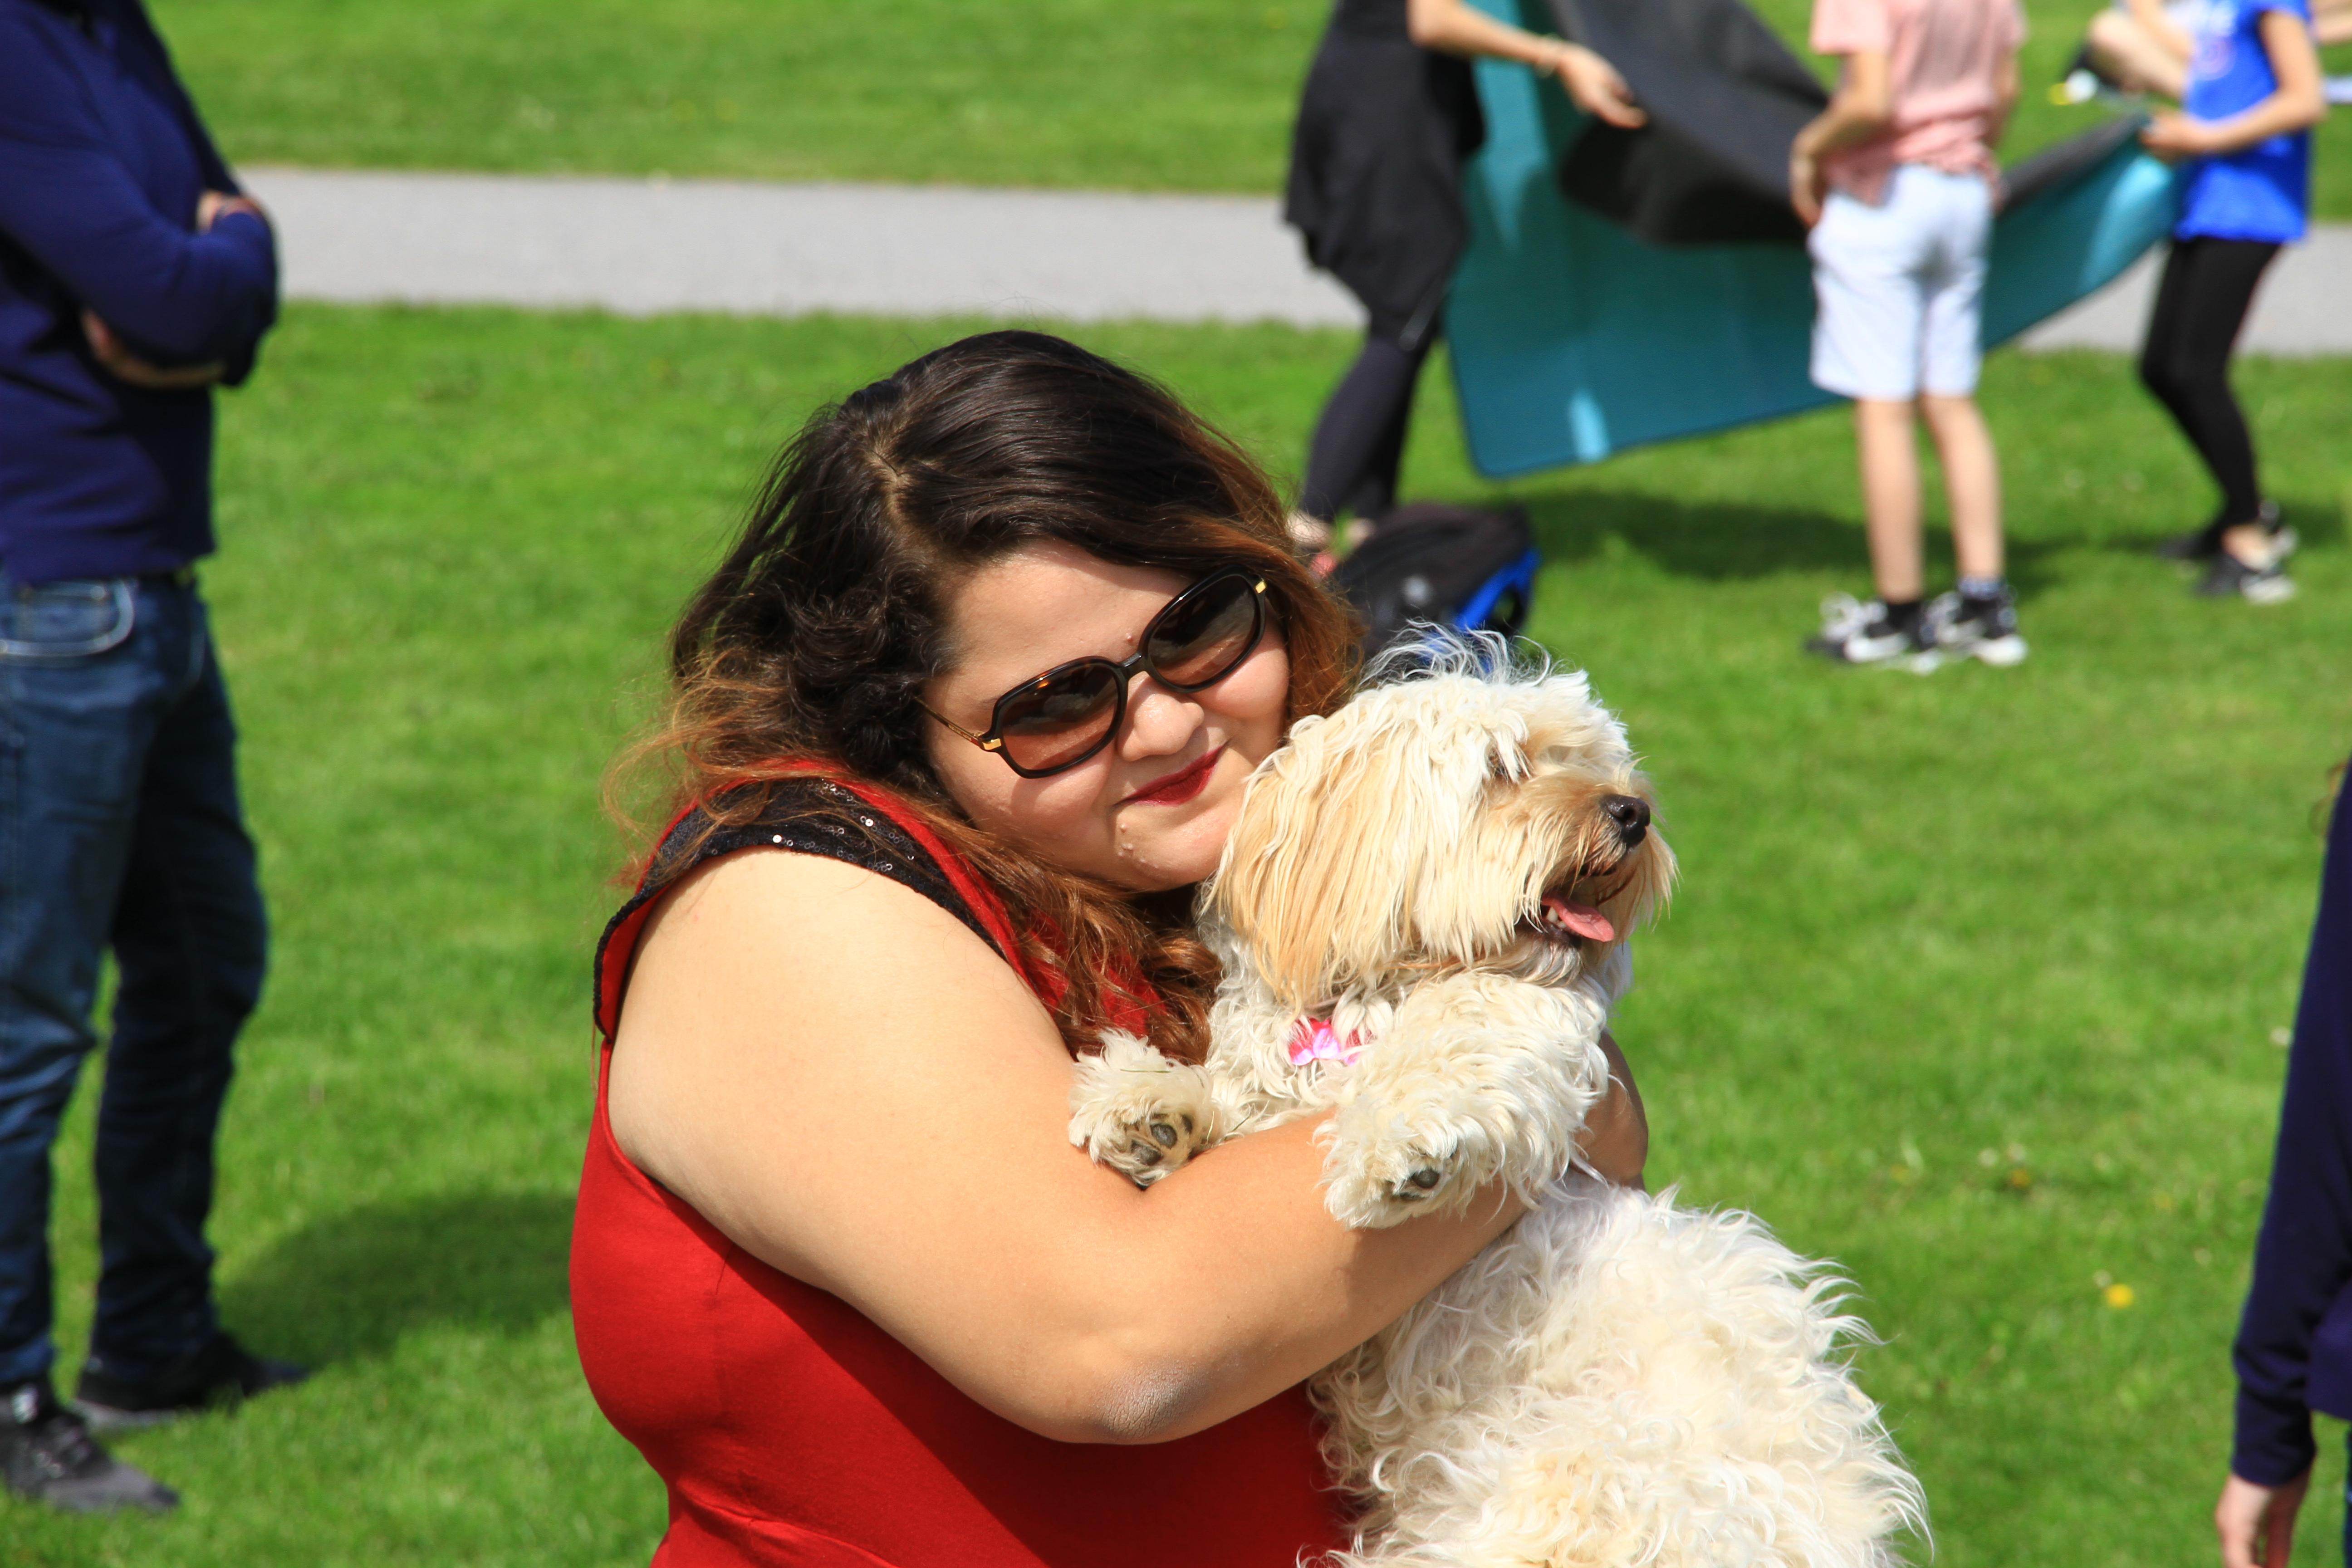 104、挪威奥斯陆:维格兰雕塑公园:胖妞与狗狗